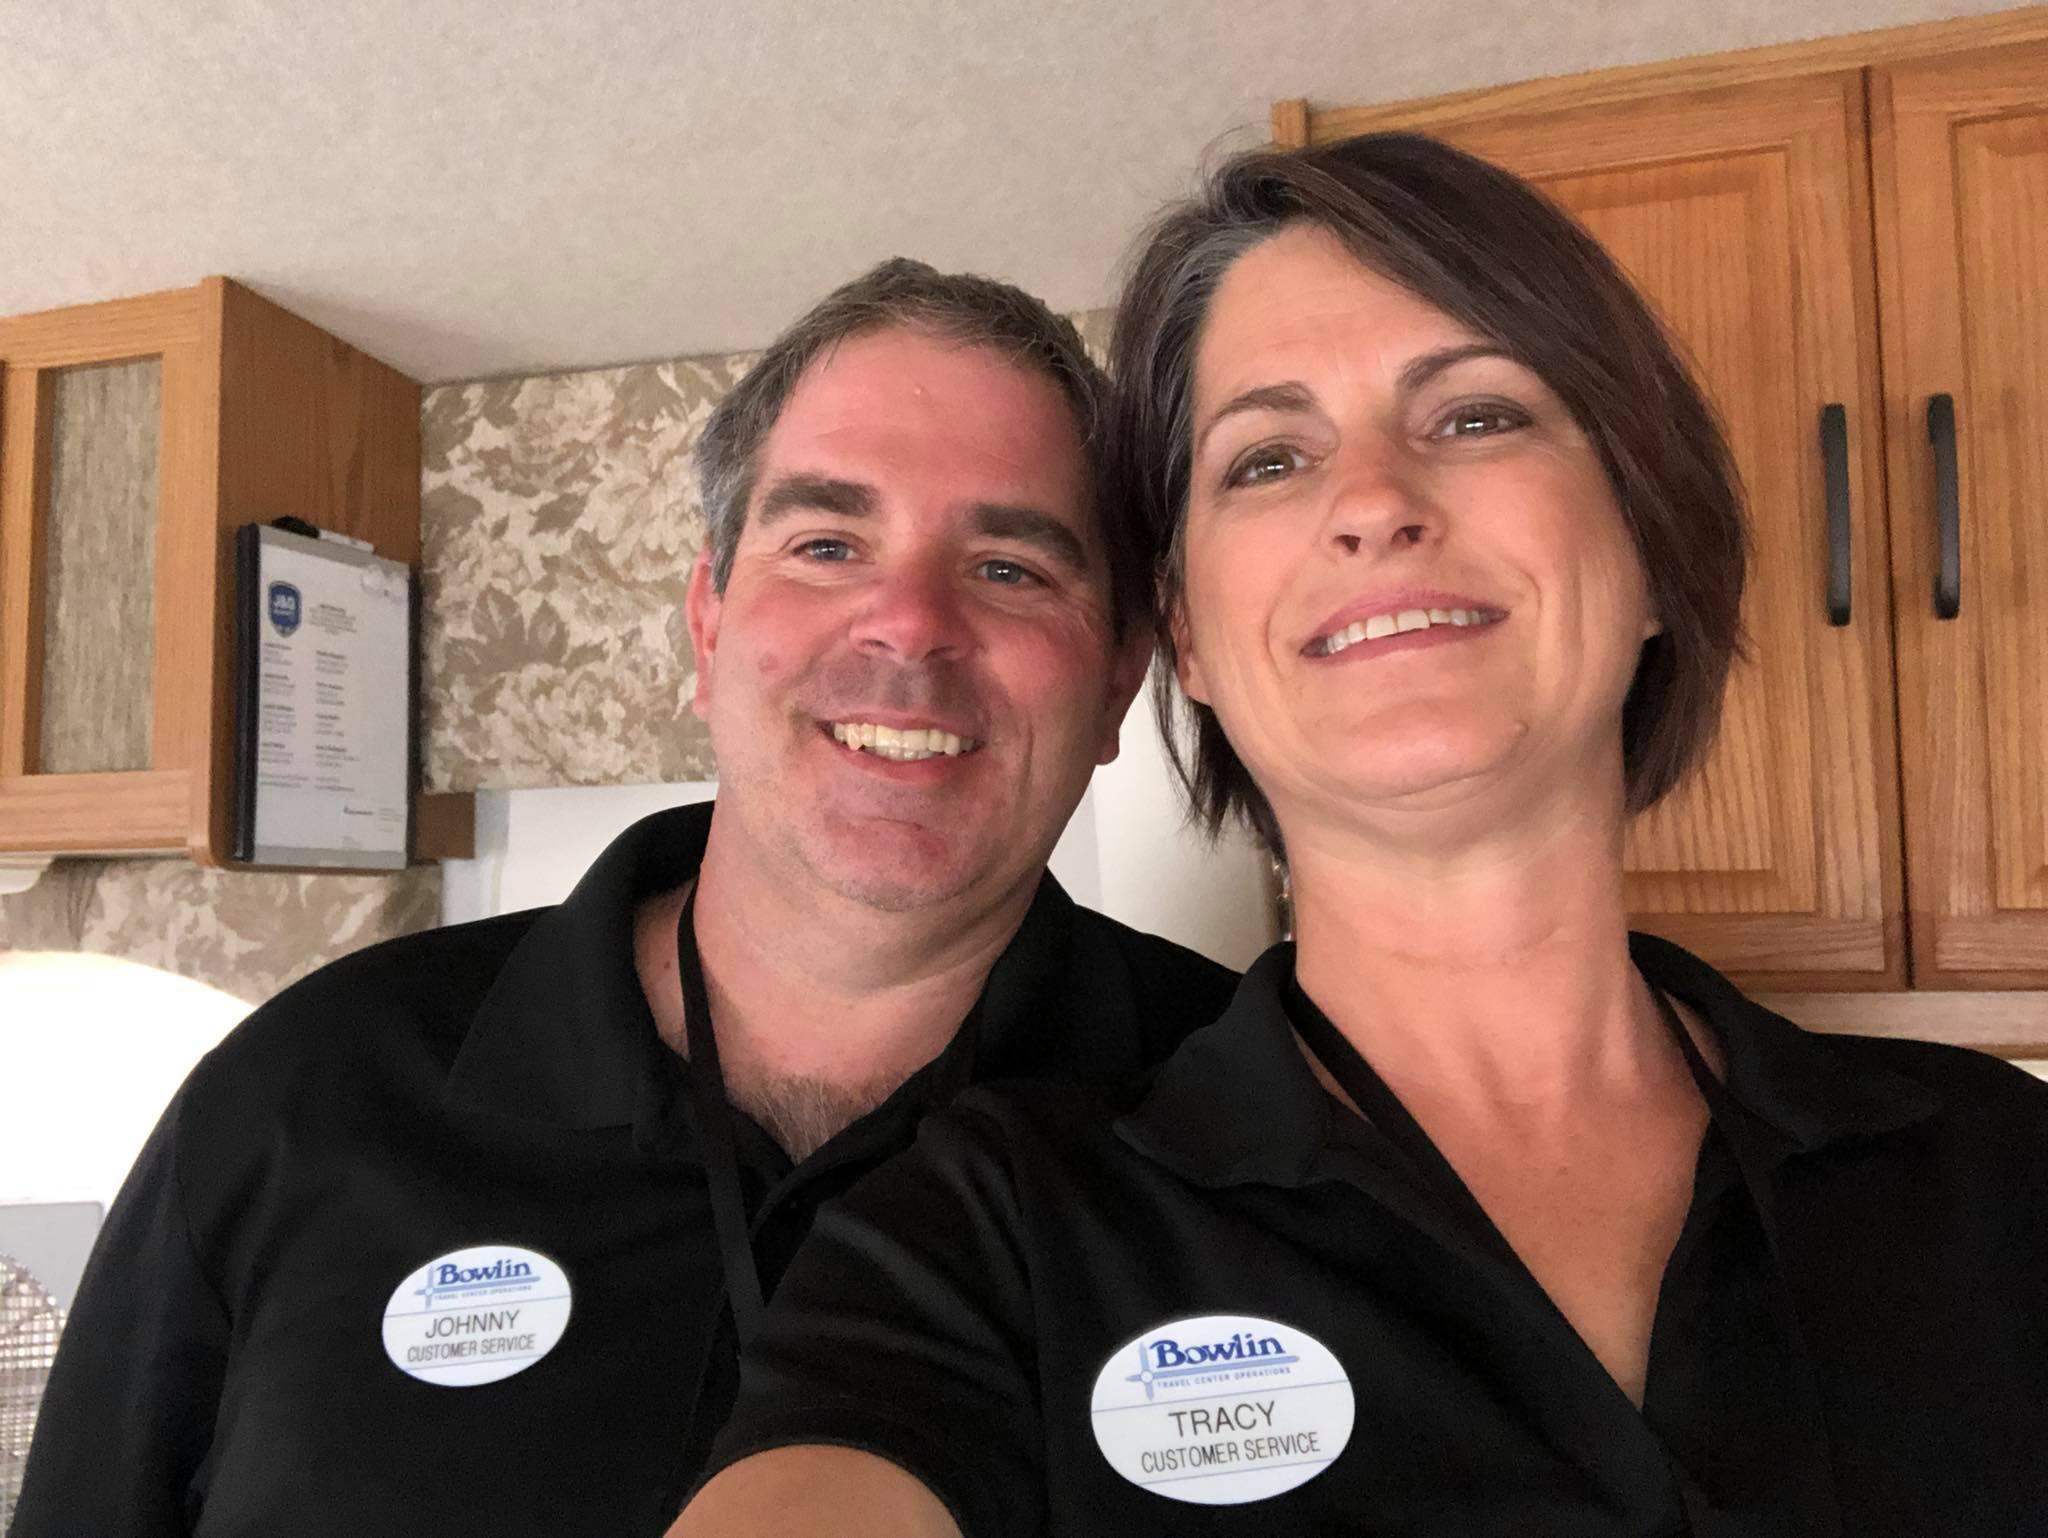 Johnny and Tracy Bercegeay